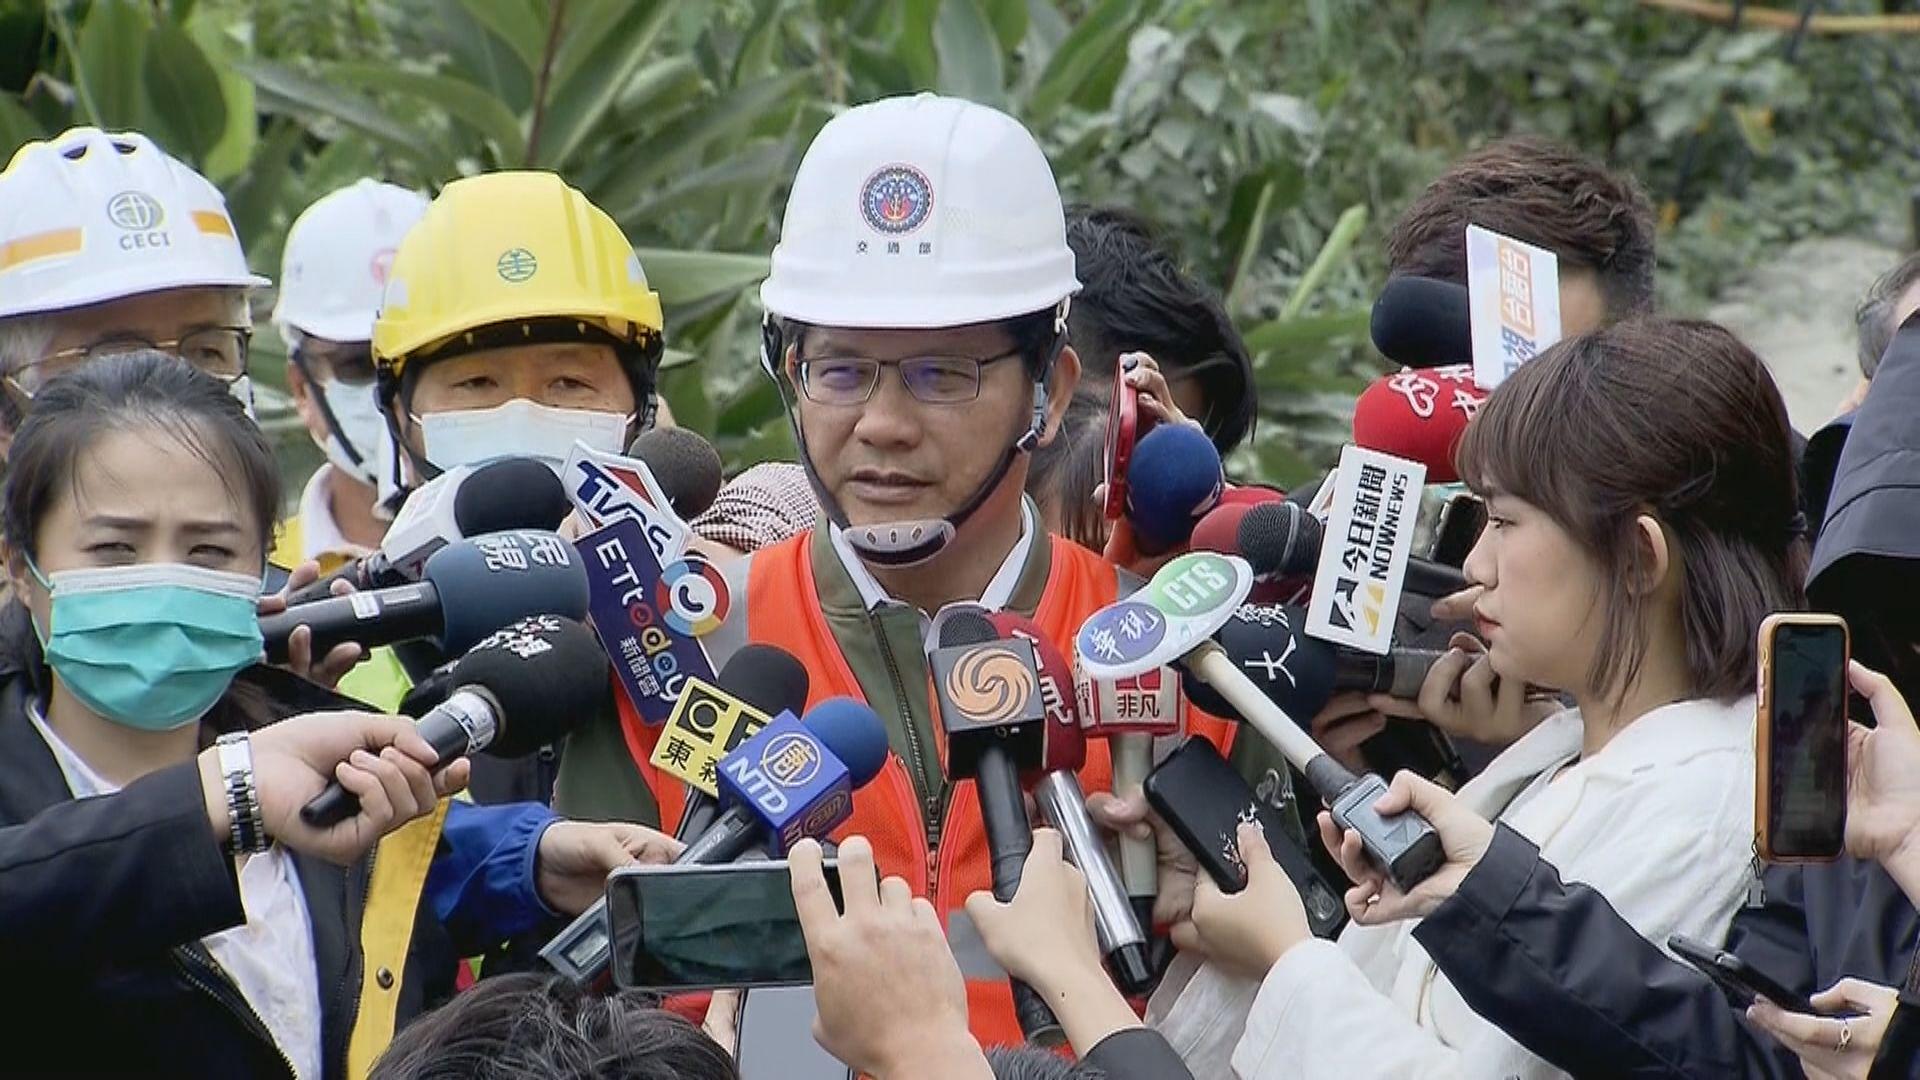 台鐵出軌事故 當局指應集中搶救未討論林佳龍辭職問題